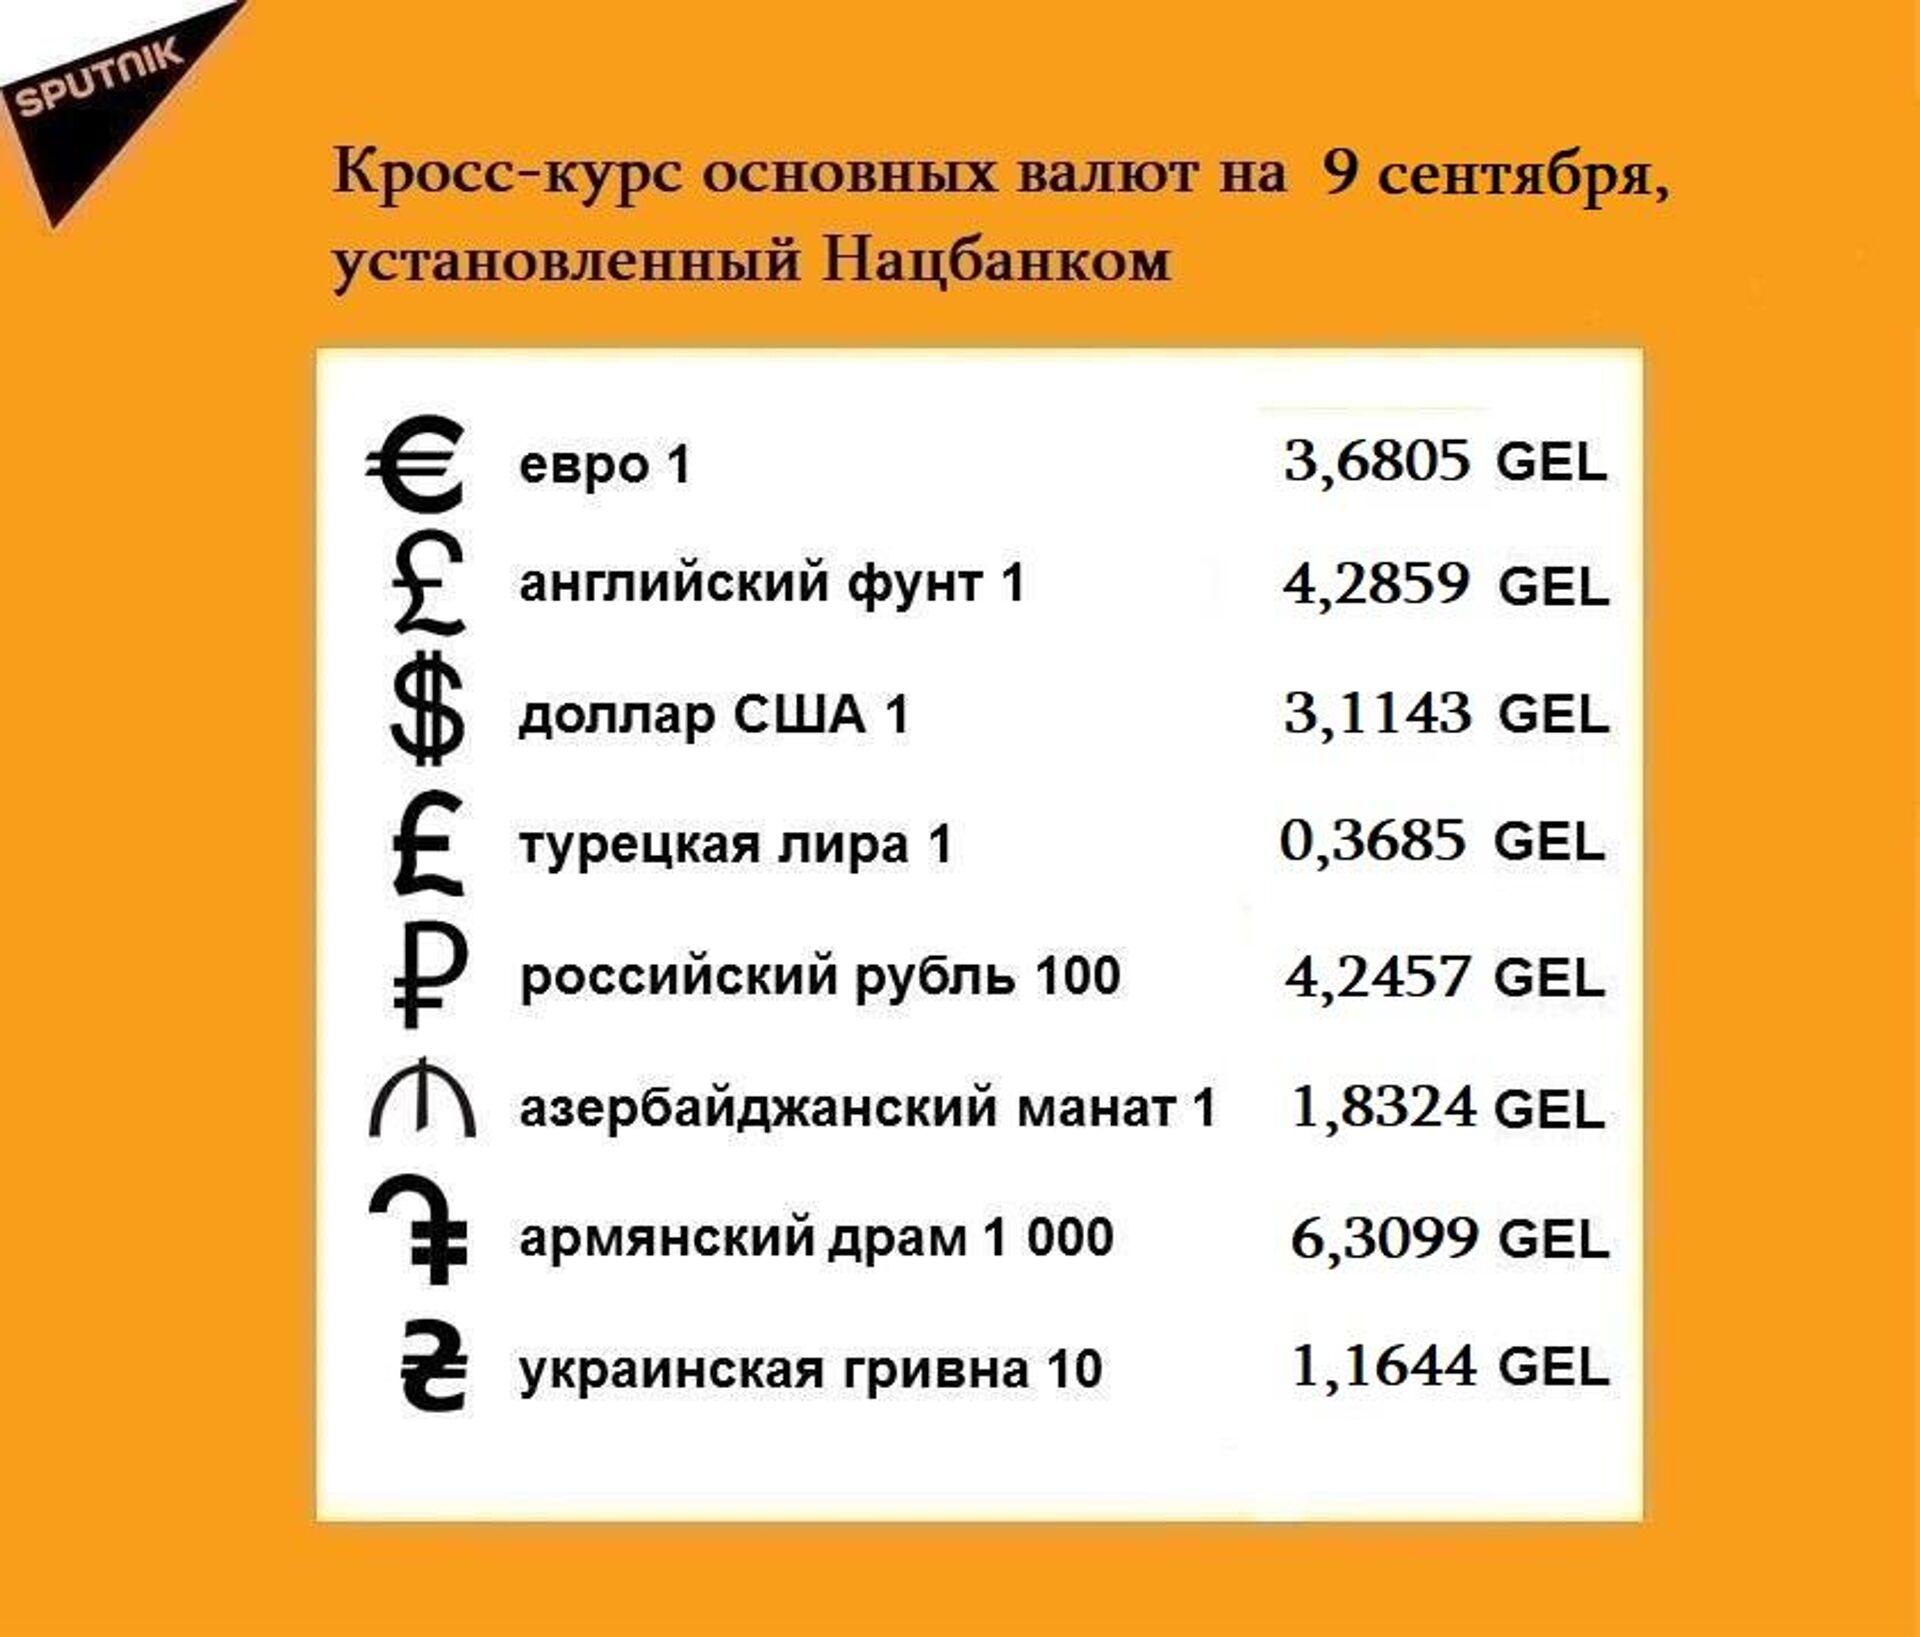 Кросс-курс основных валют на 9 сентября - Sputnik Грузия, 1920, 08.09.2021